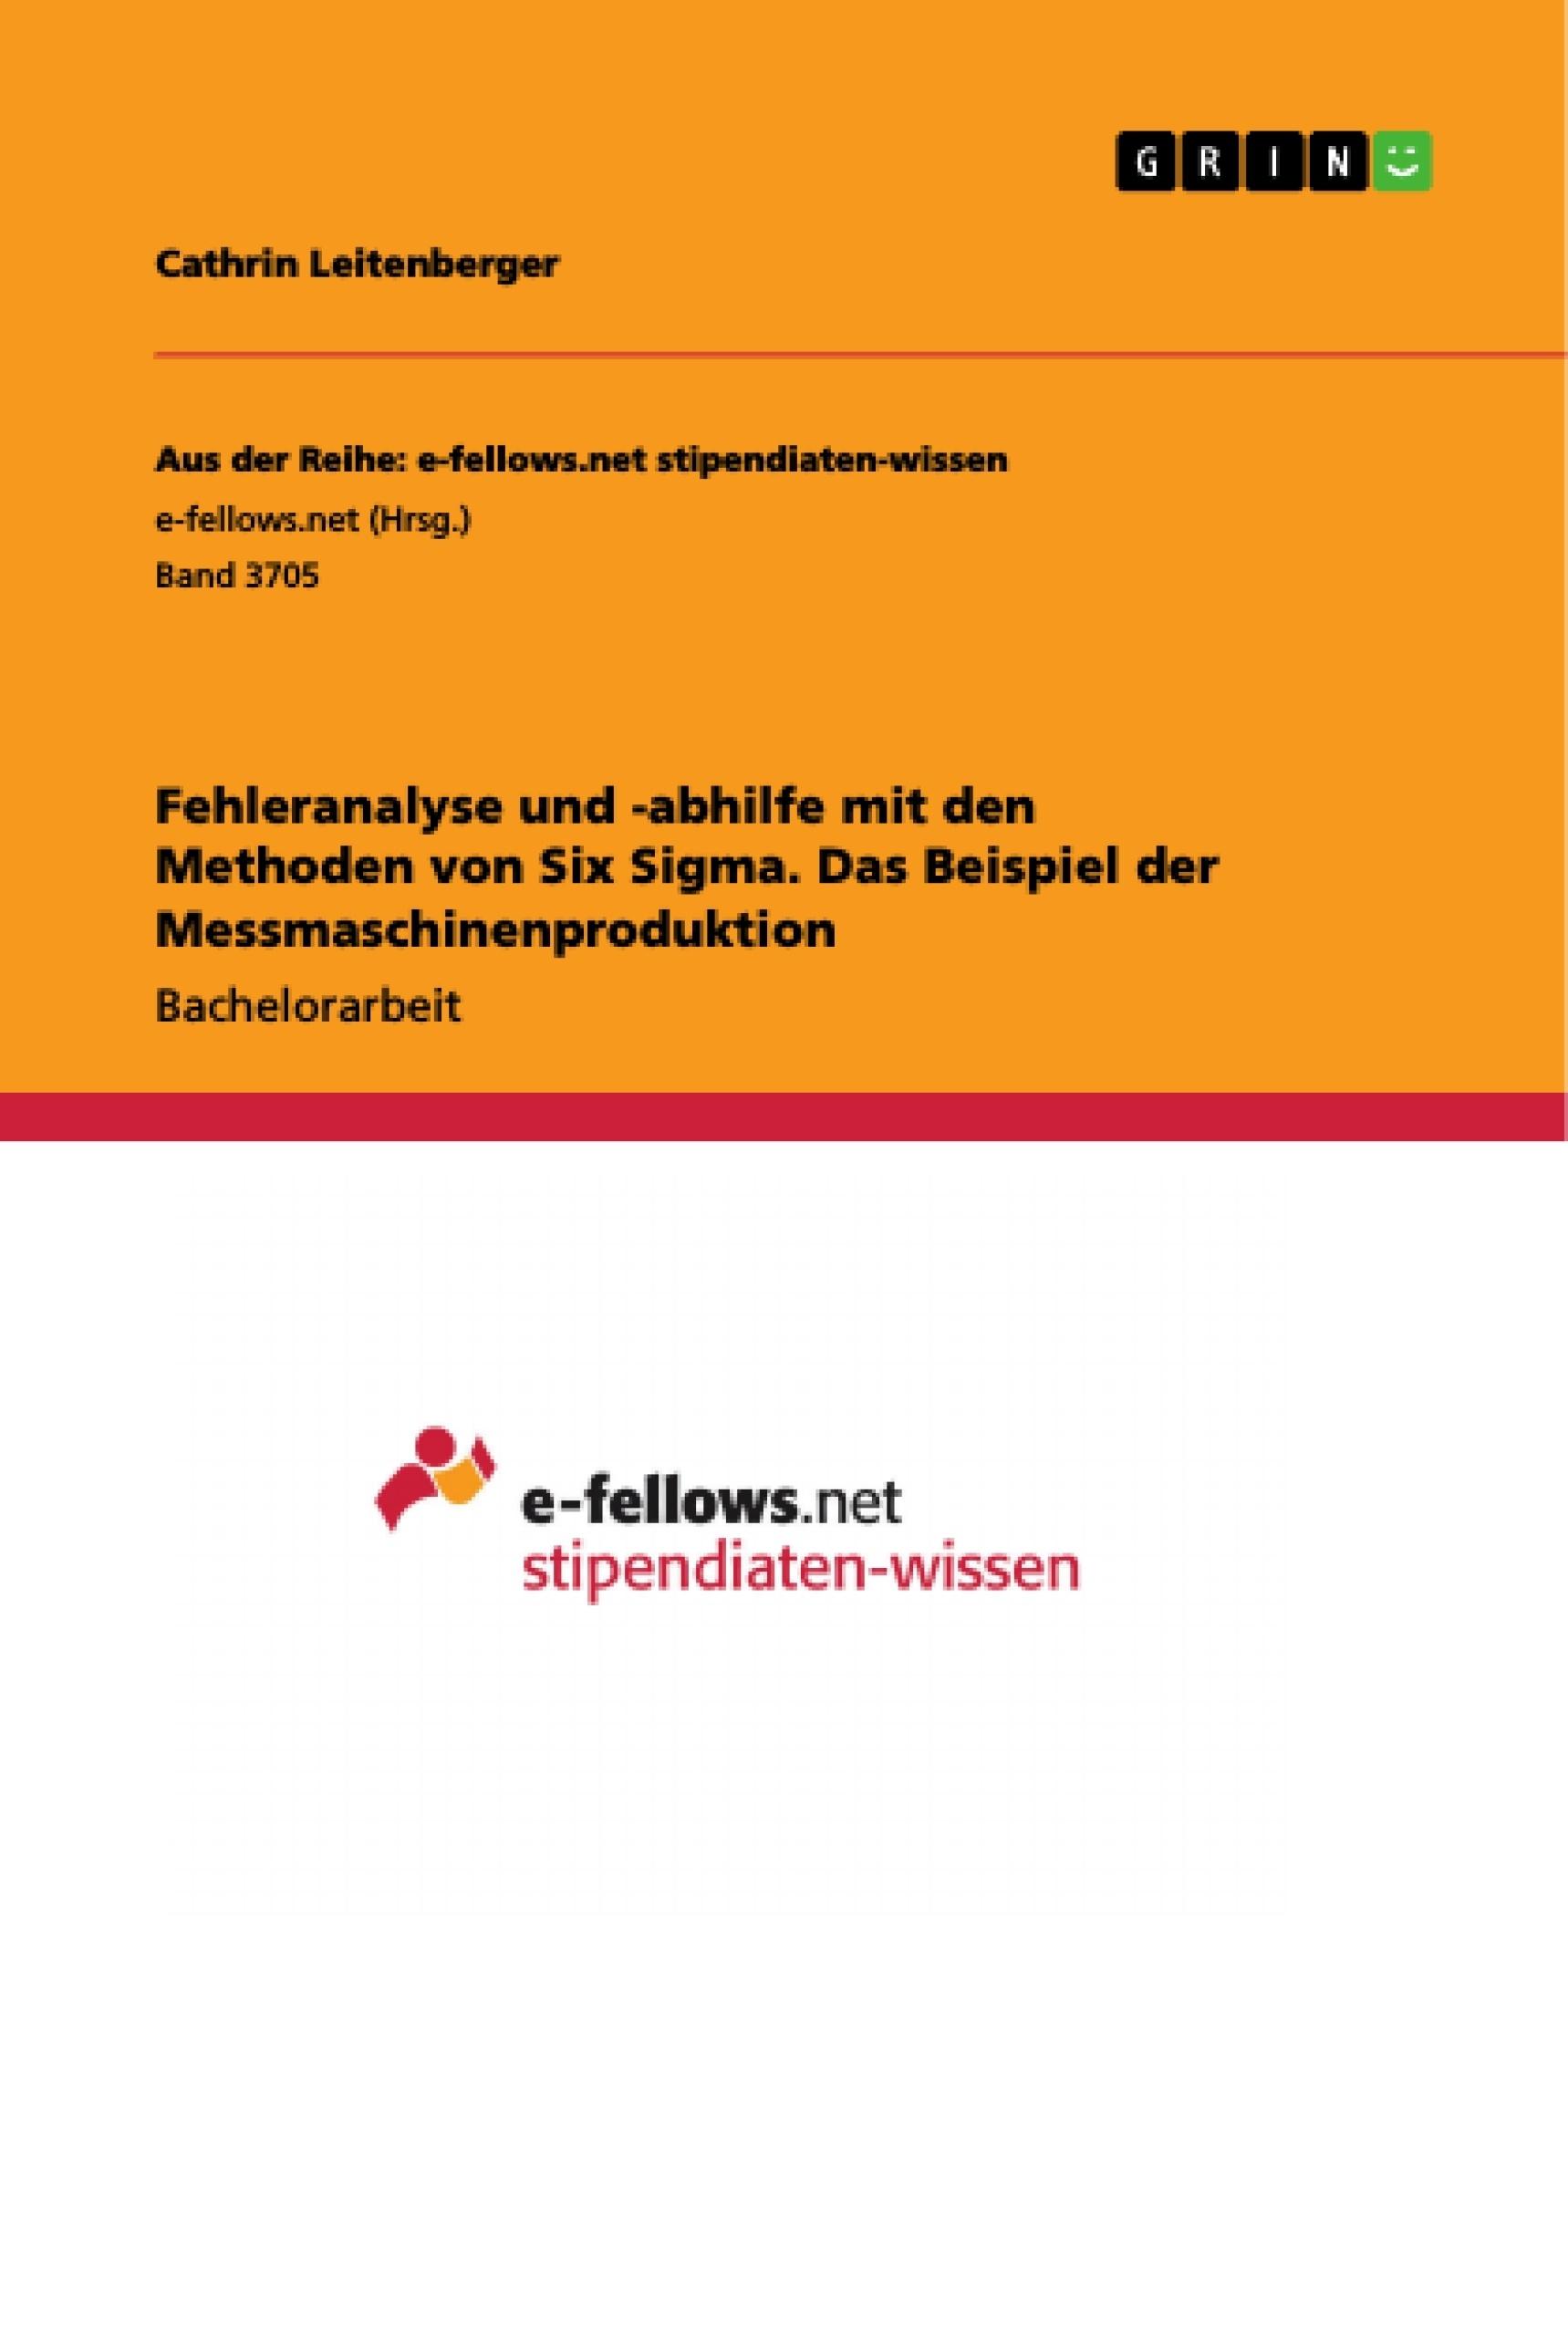 Titel: Fehleranalyse und -abhilfe mit den Methoden von Six Sigma. Das Beispiel der Messmaschinenproduktion